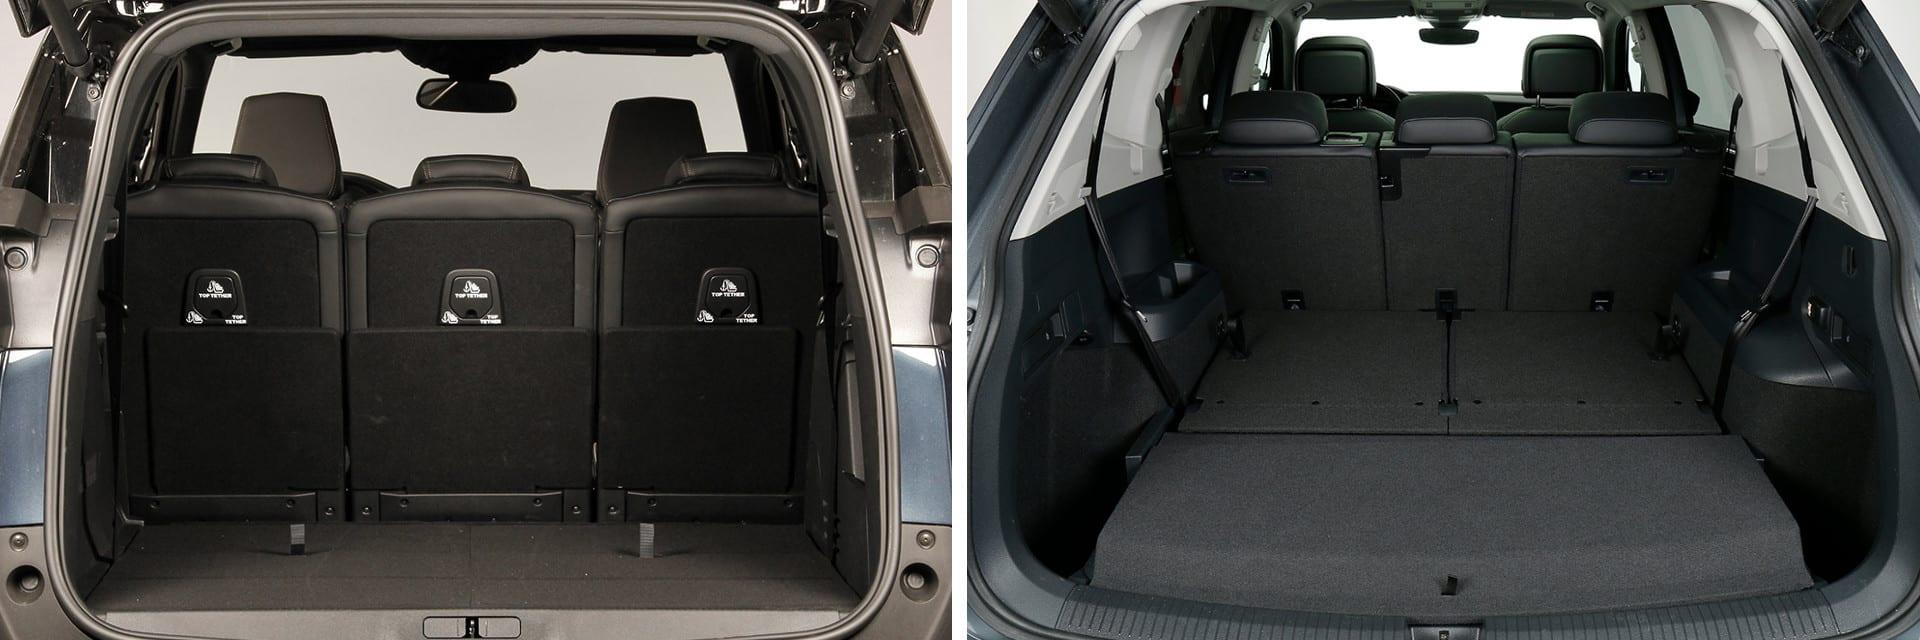 Las dimensiones del maletero con cinco plazas son muy similares: 702 litros para el Peugeot (izq.) y 685 para el Volkswagen (dcha.)